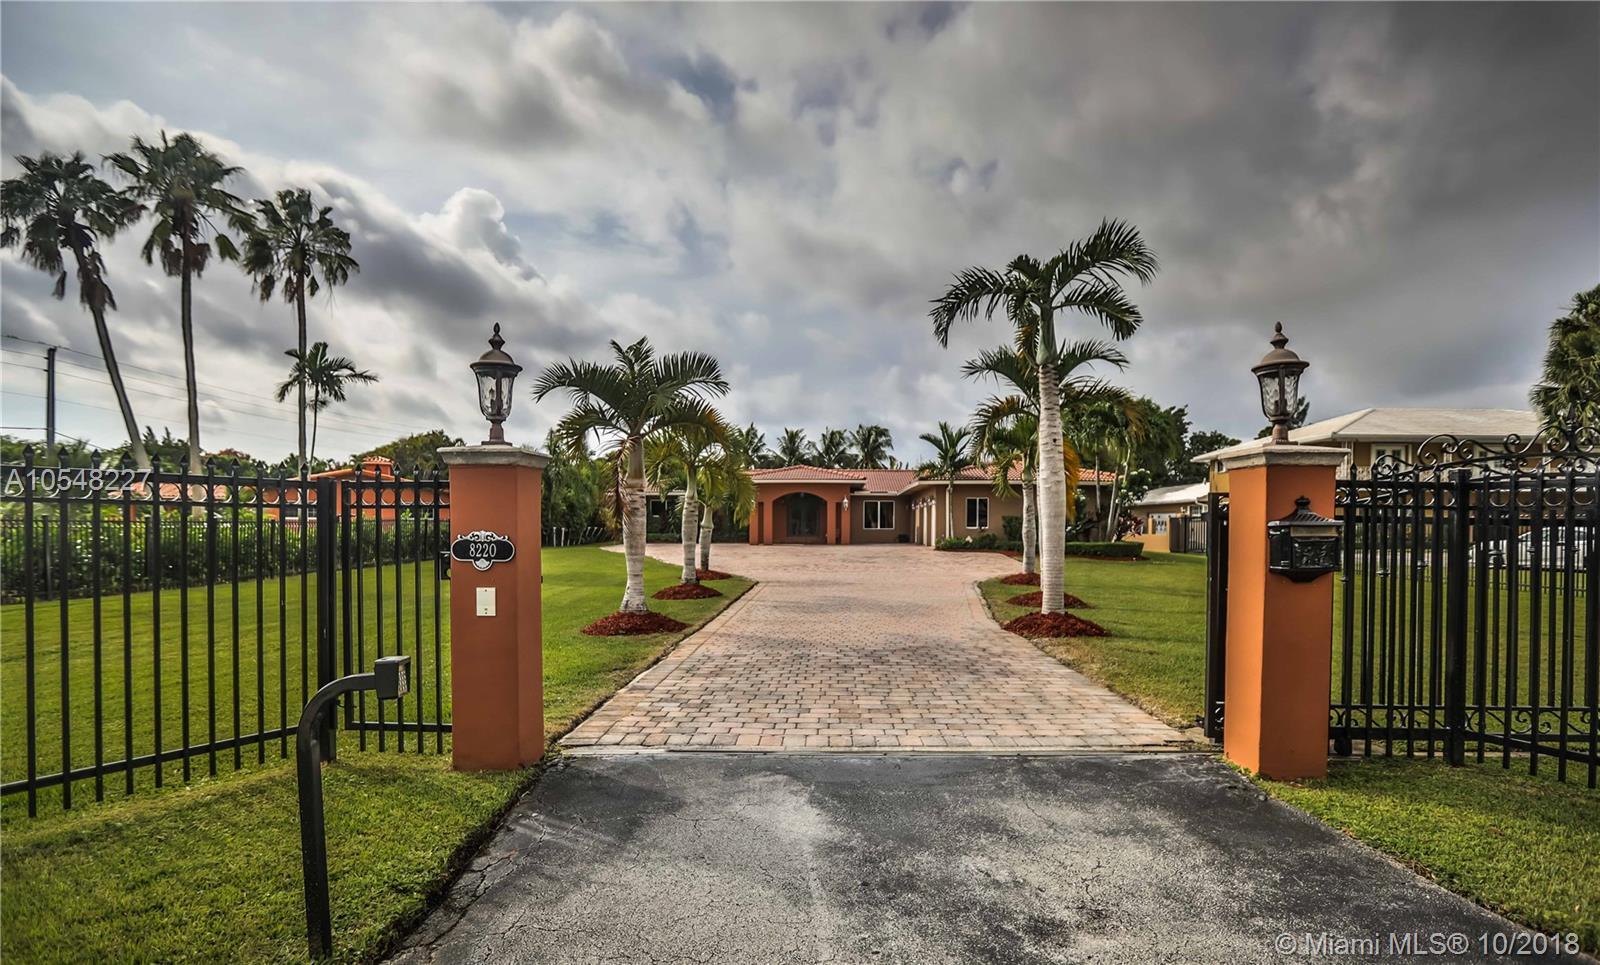 8220 Miller Dr, Miami, FL 33155 - Miami, FL real estate listing